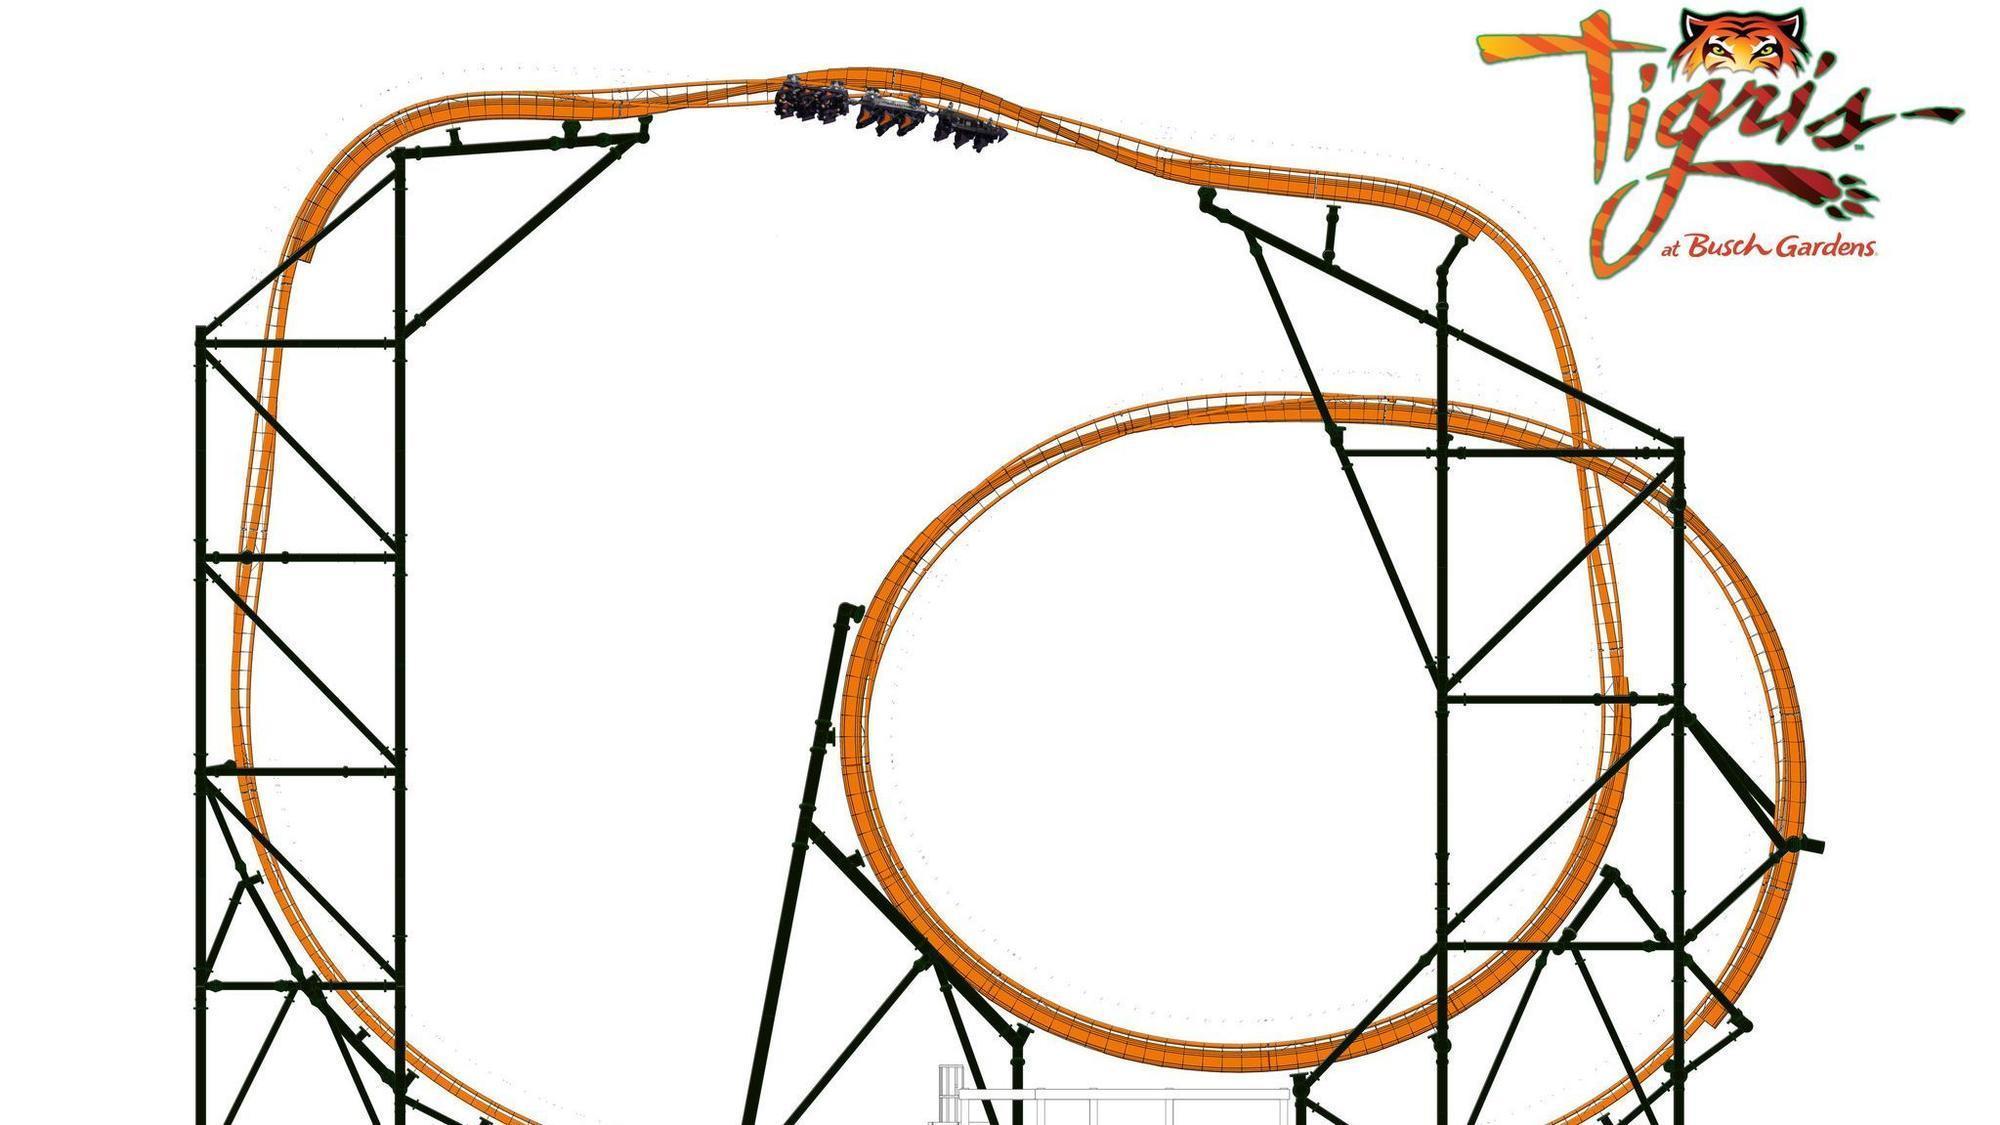 Busch gardens adding coaster in 39 19 another thrill ride - Busch gardens tampa roller coasters ...